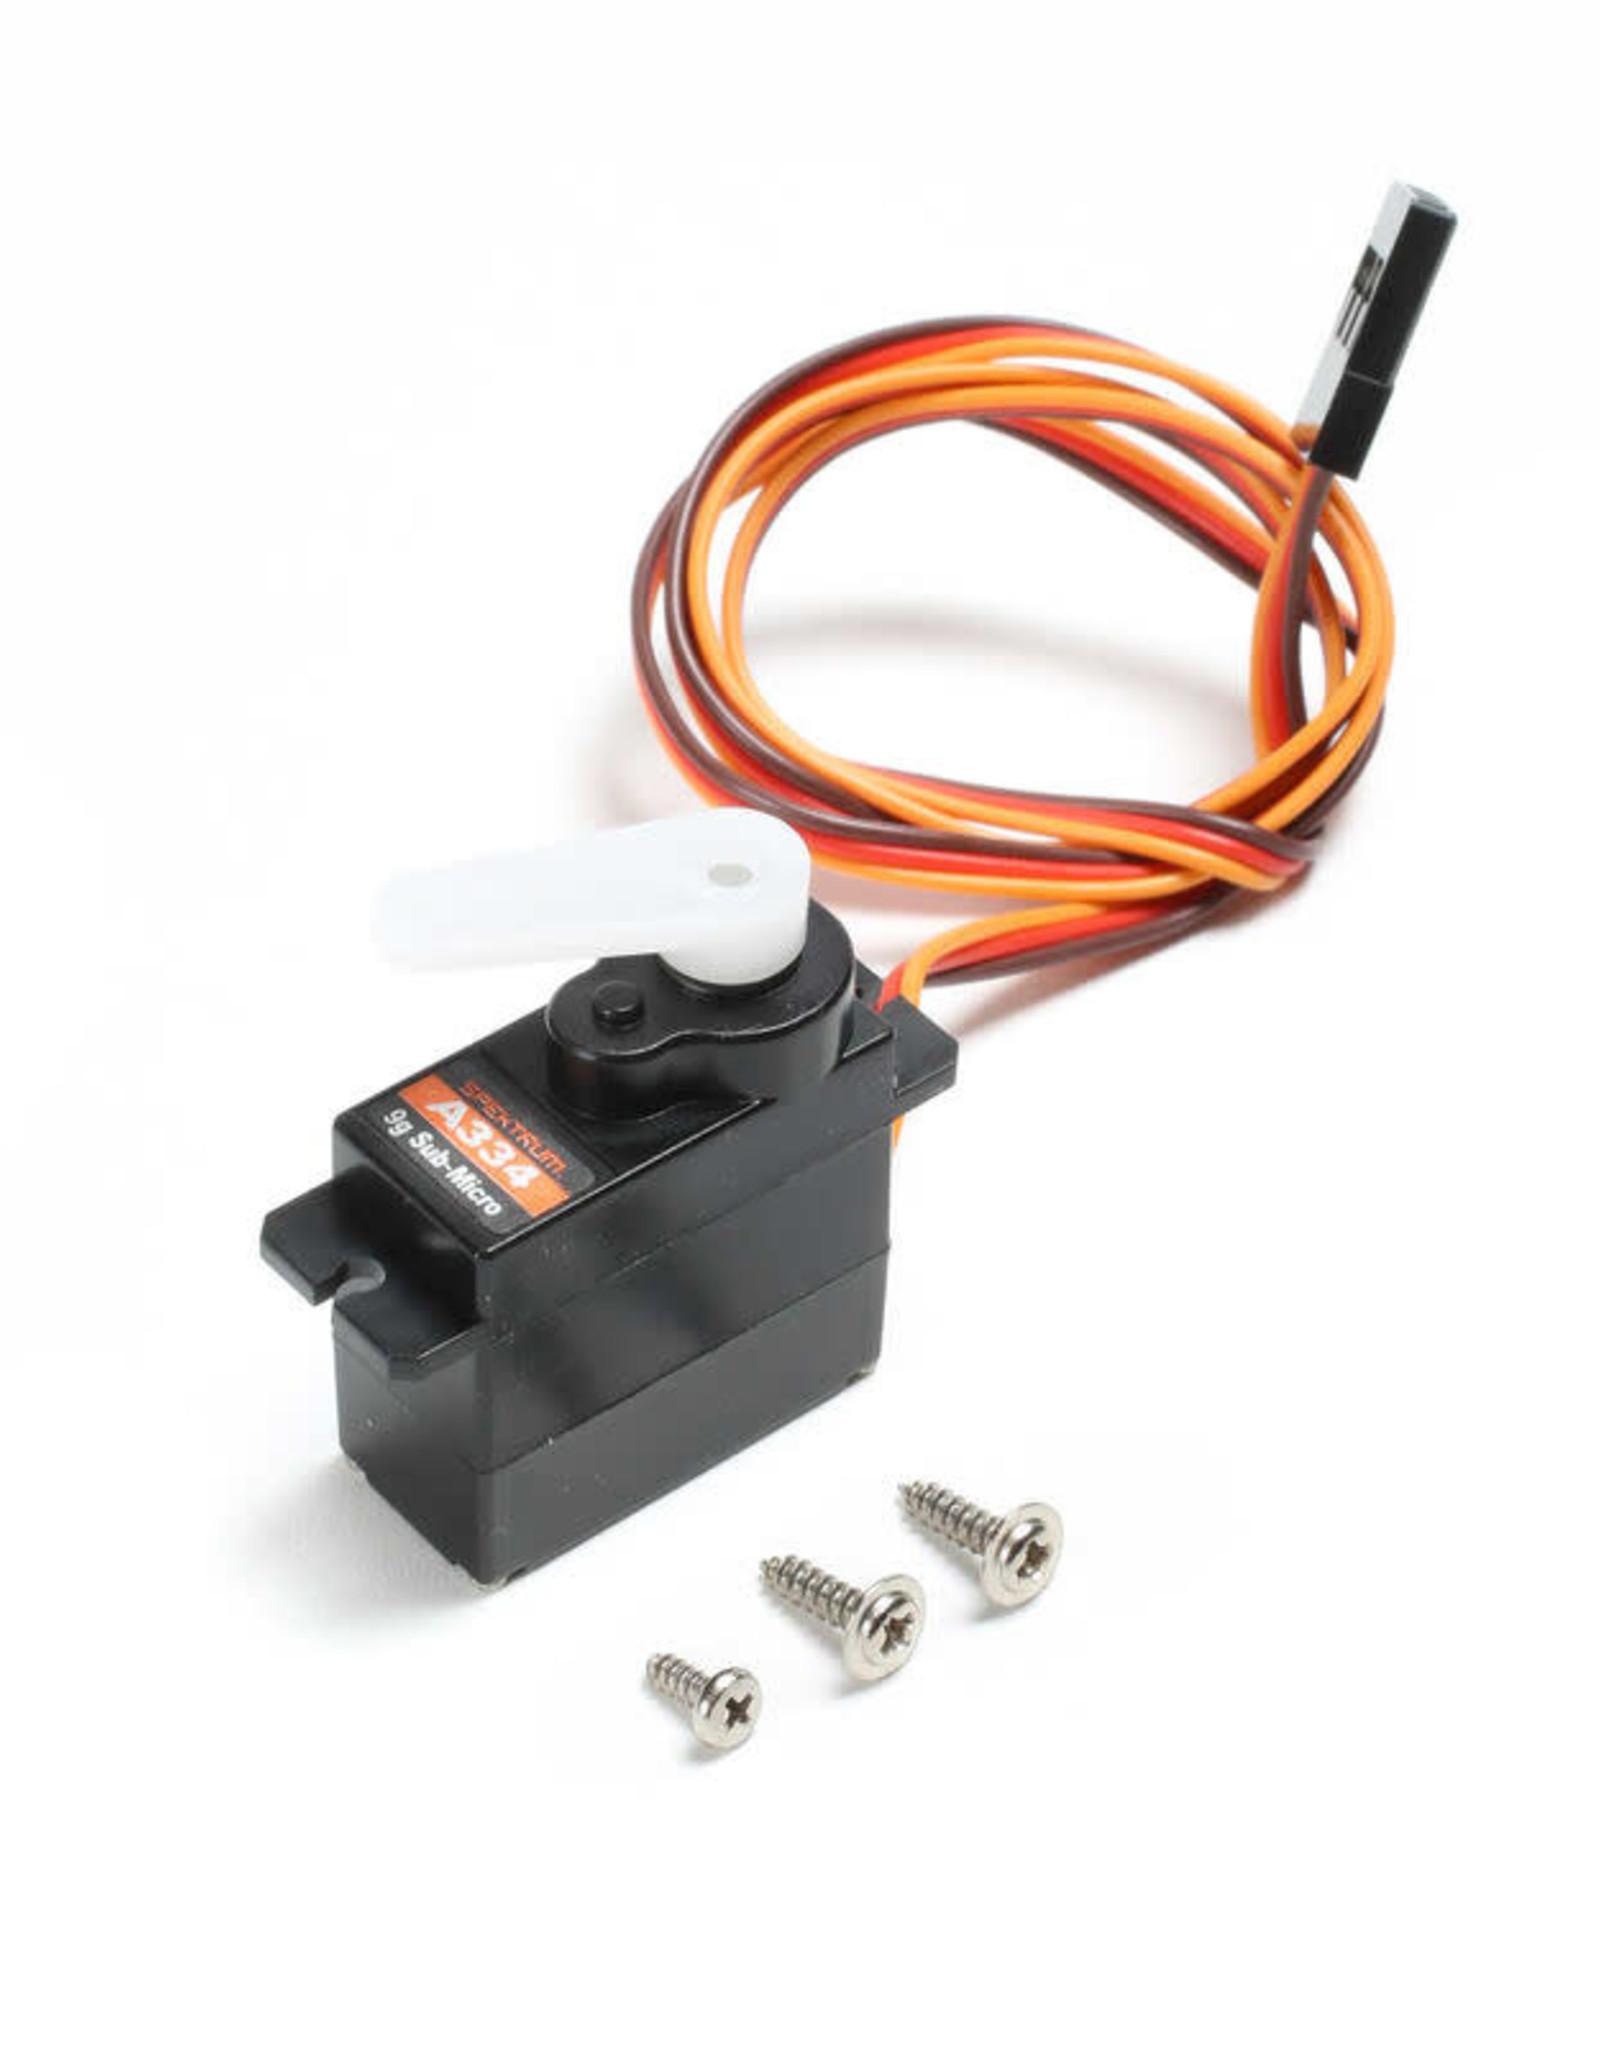 spektrum SPMSA334 Sub-Micro Digital 9g Plastic Gear Servo